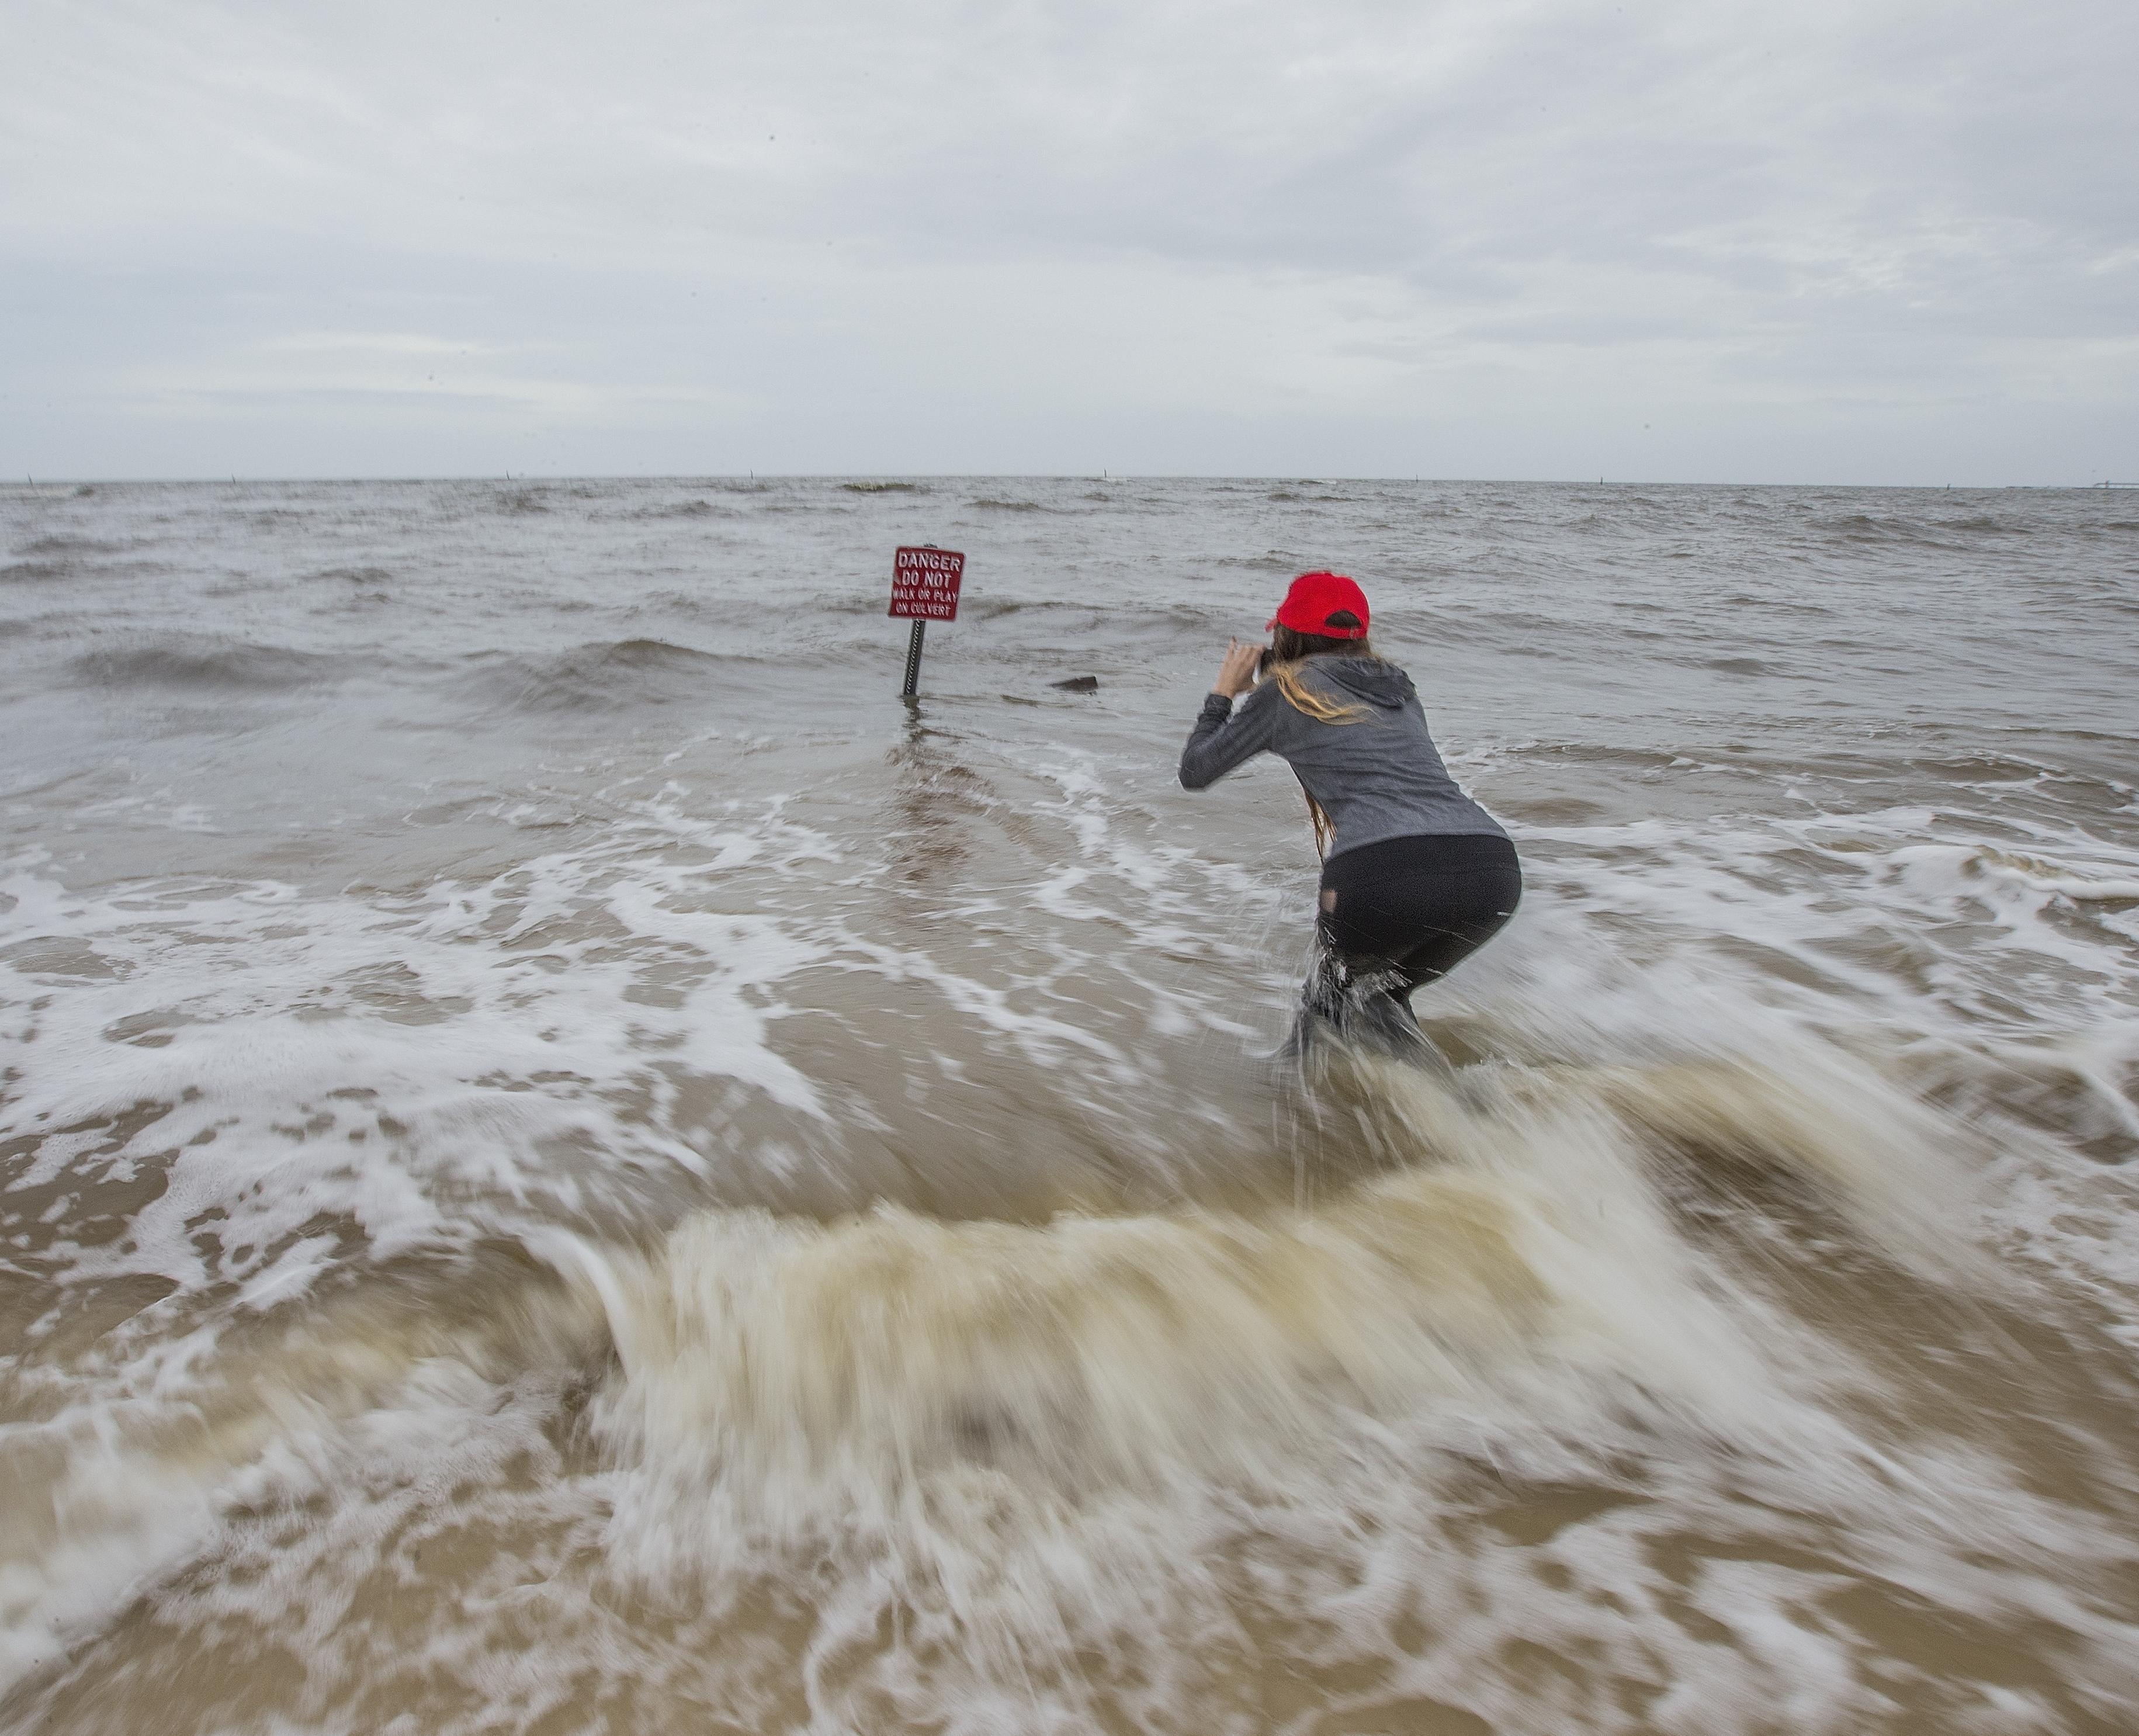 امرأة تصور علامة الخطر الموجودة في إحدى نقاط ساحل ولاية مسيسيبي